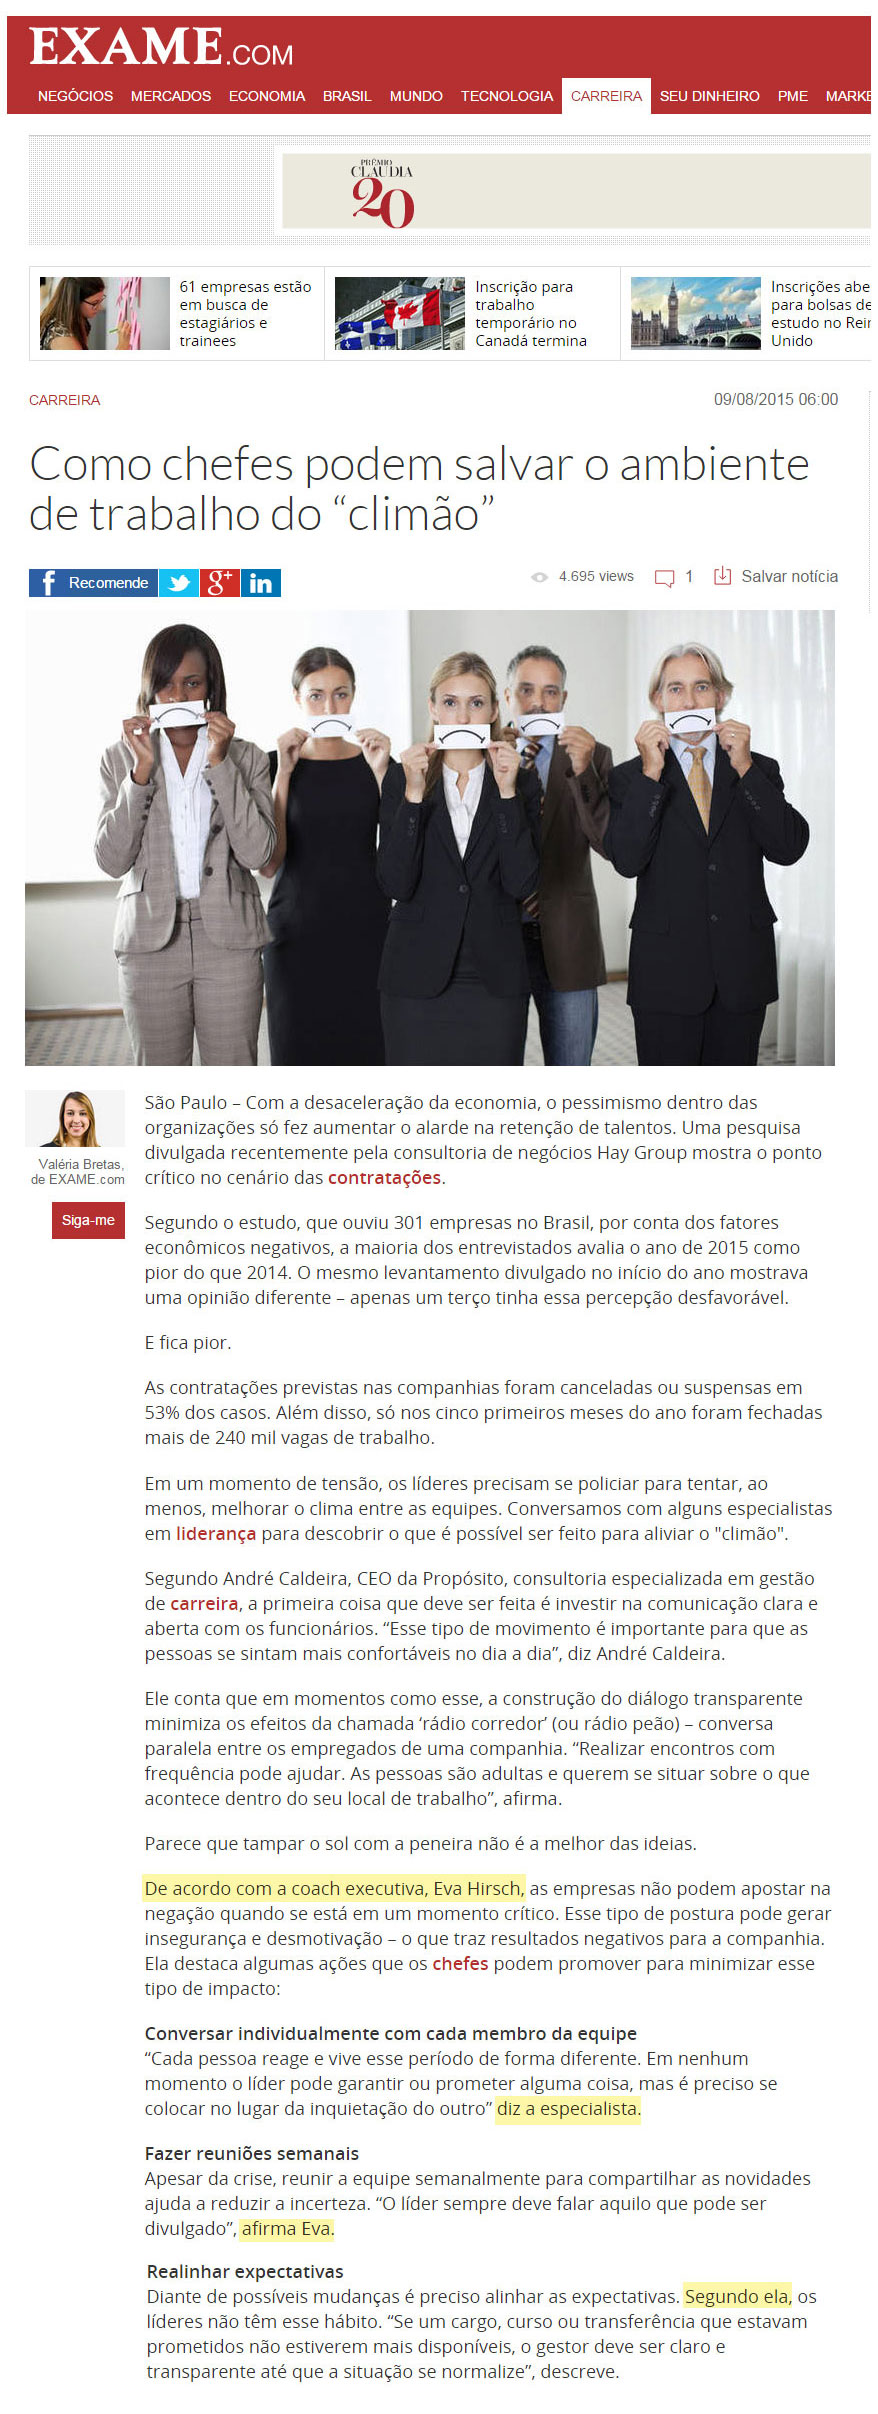 Portal-Exame_Carreiras_9.8.2015